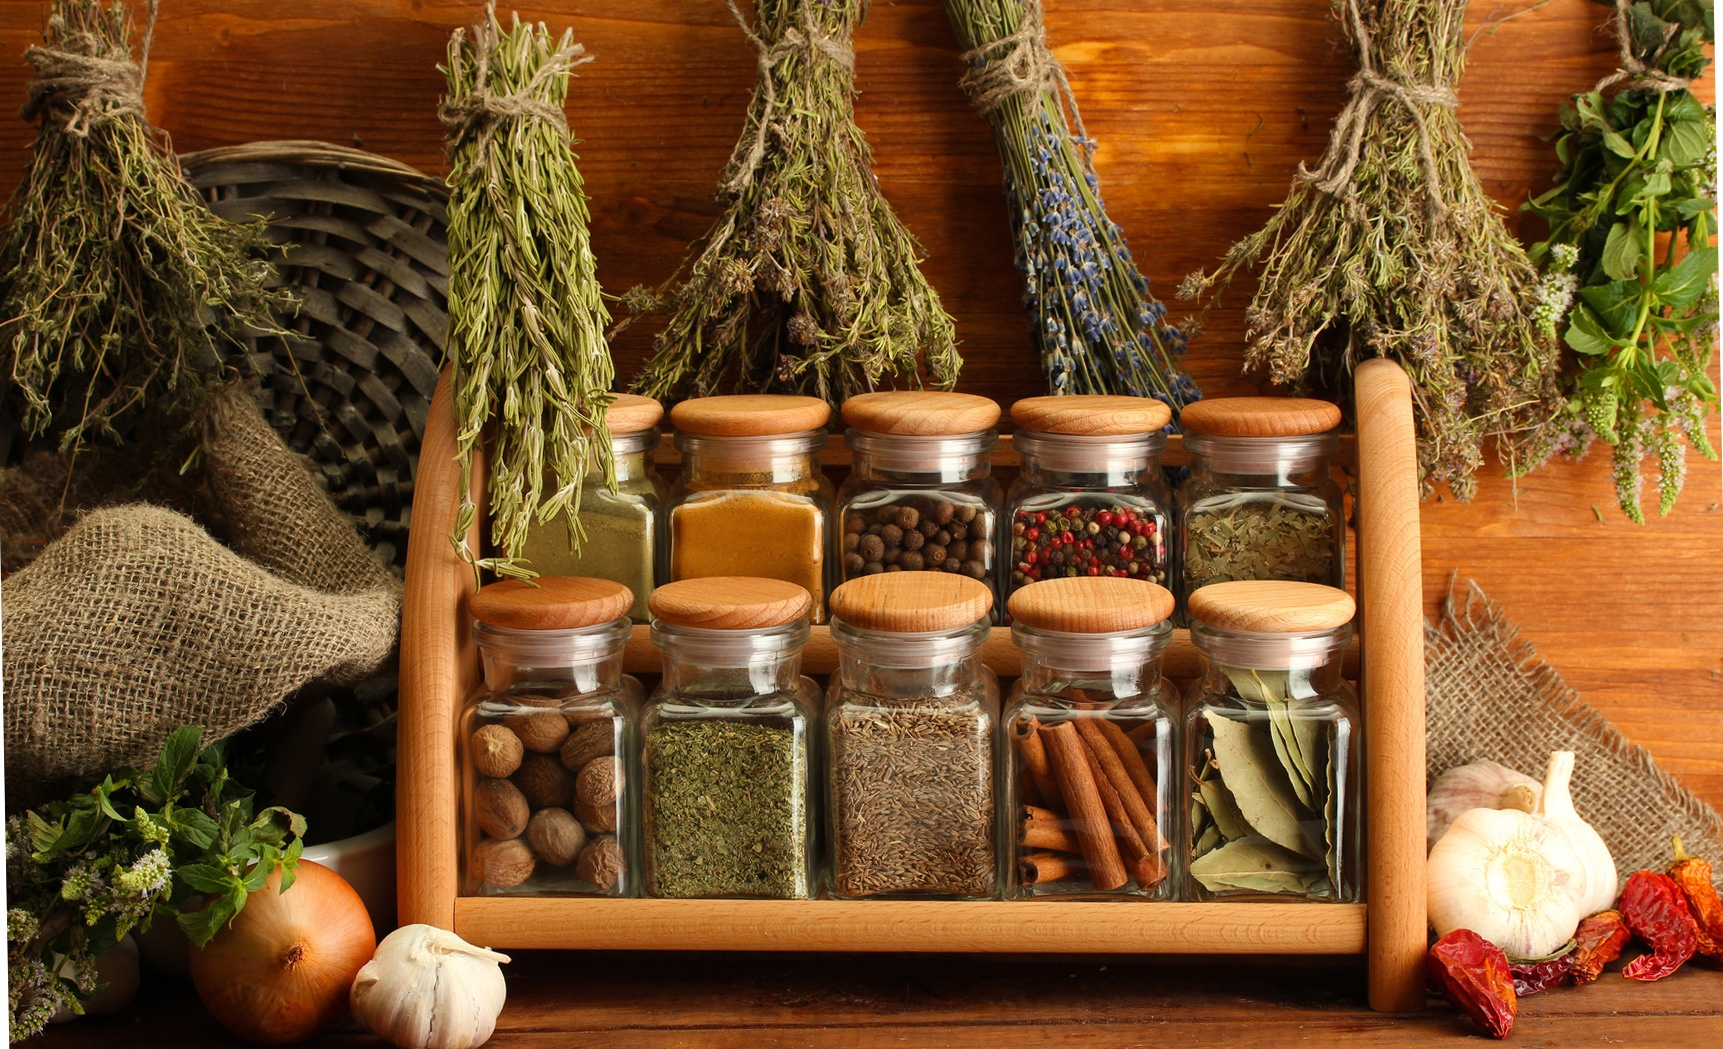 Домашняя коллекция лекарственных трав обязательно должна содержать и такое ценное растение, как кориандр